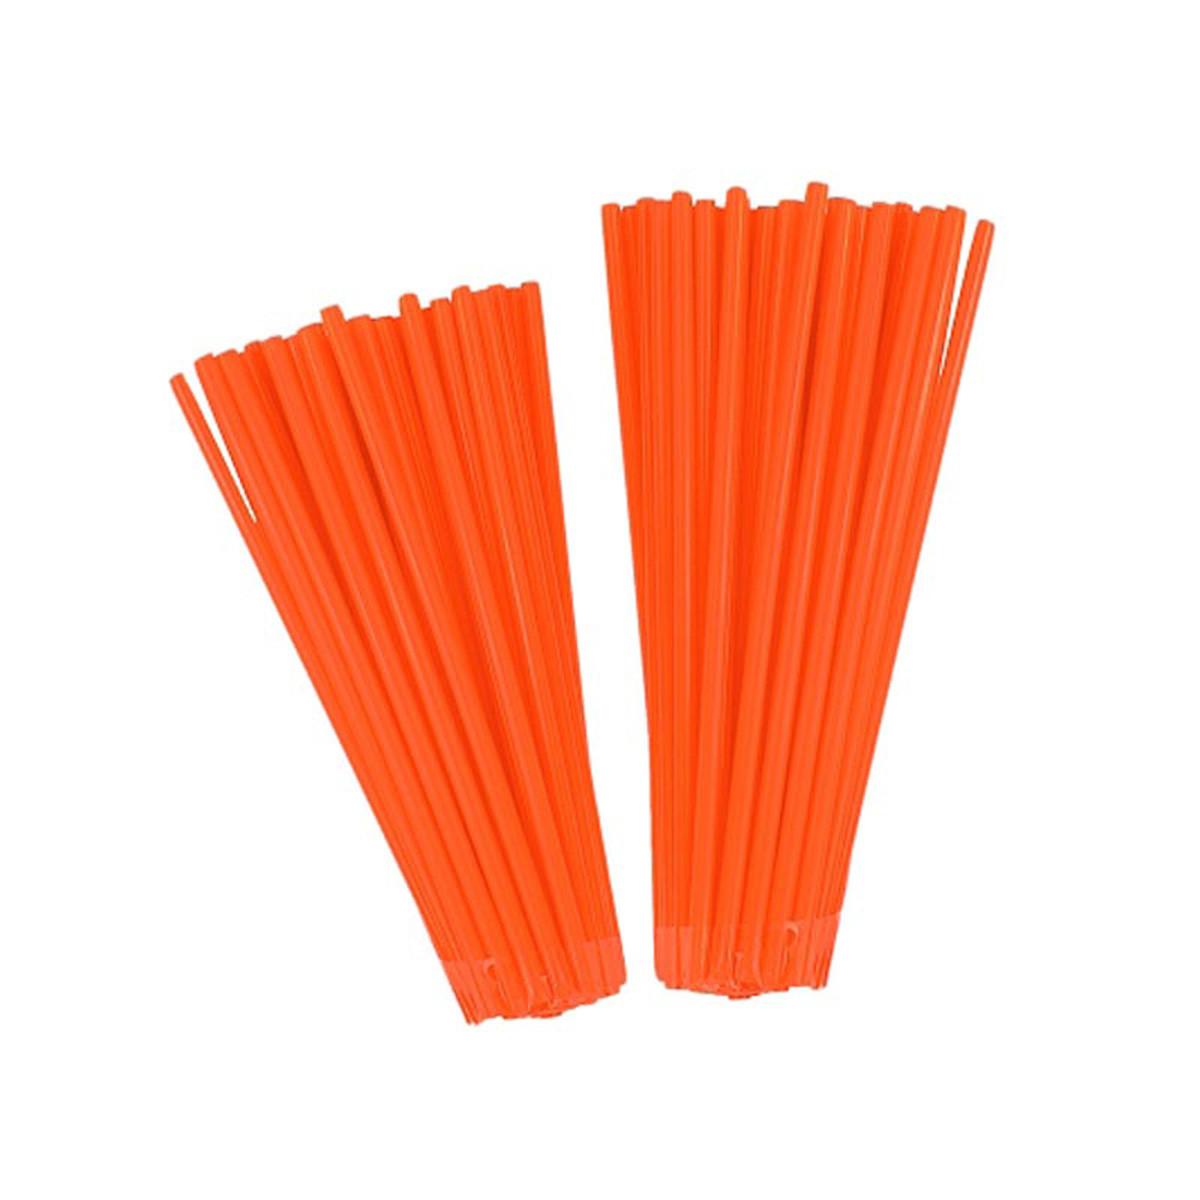 Jeu de couvre rayons - Orange